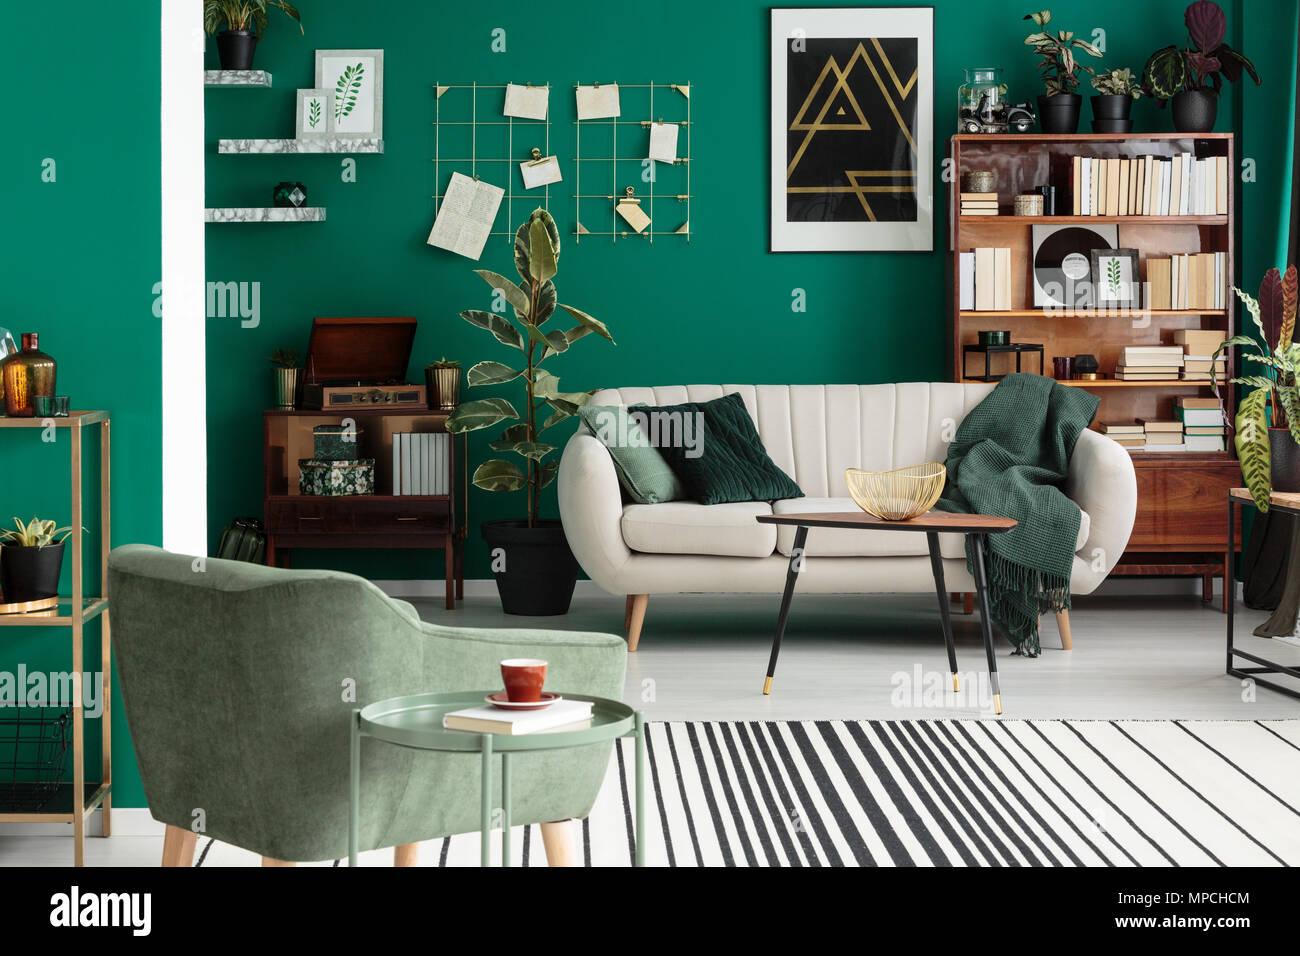 Grün Beige Sofa und Sessel im eleganten Wohnzimmer Interieur mit ...